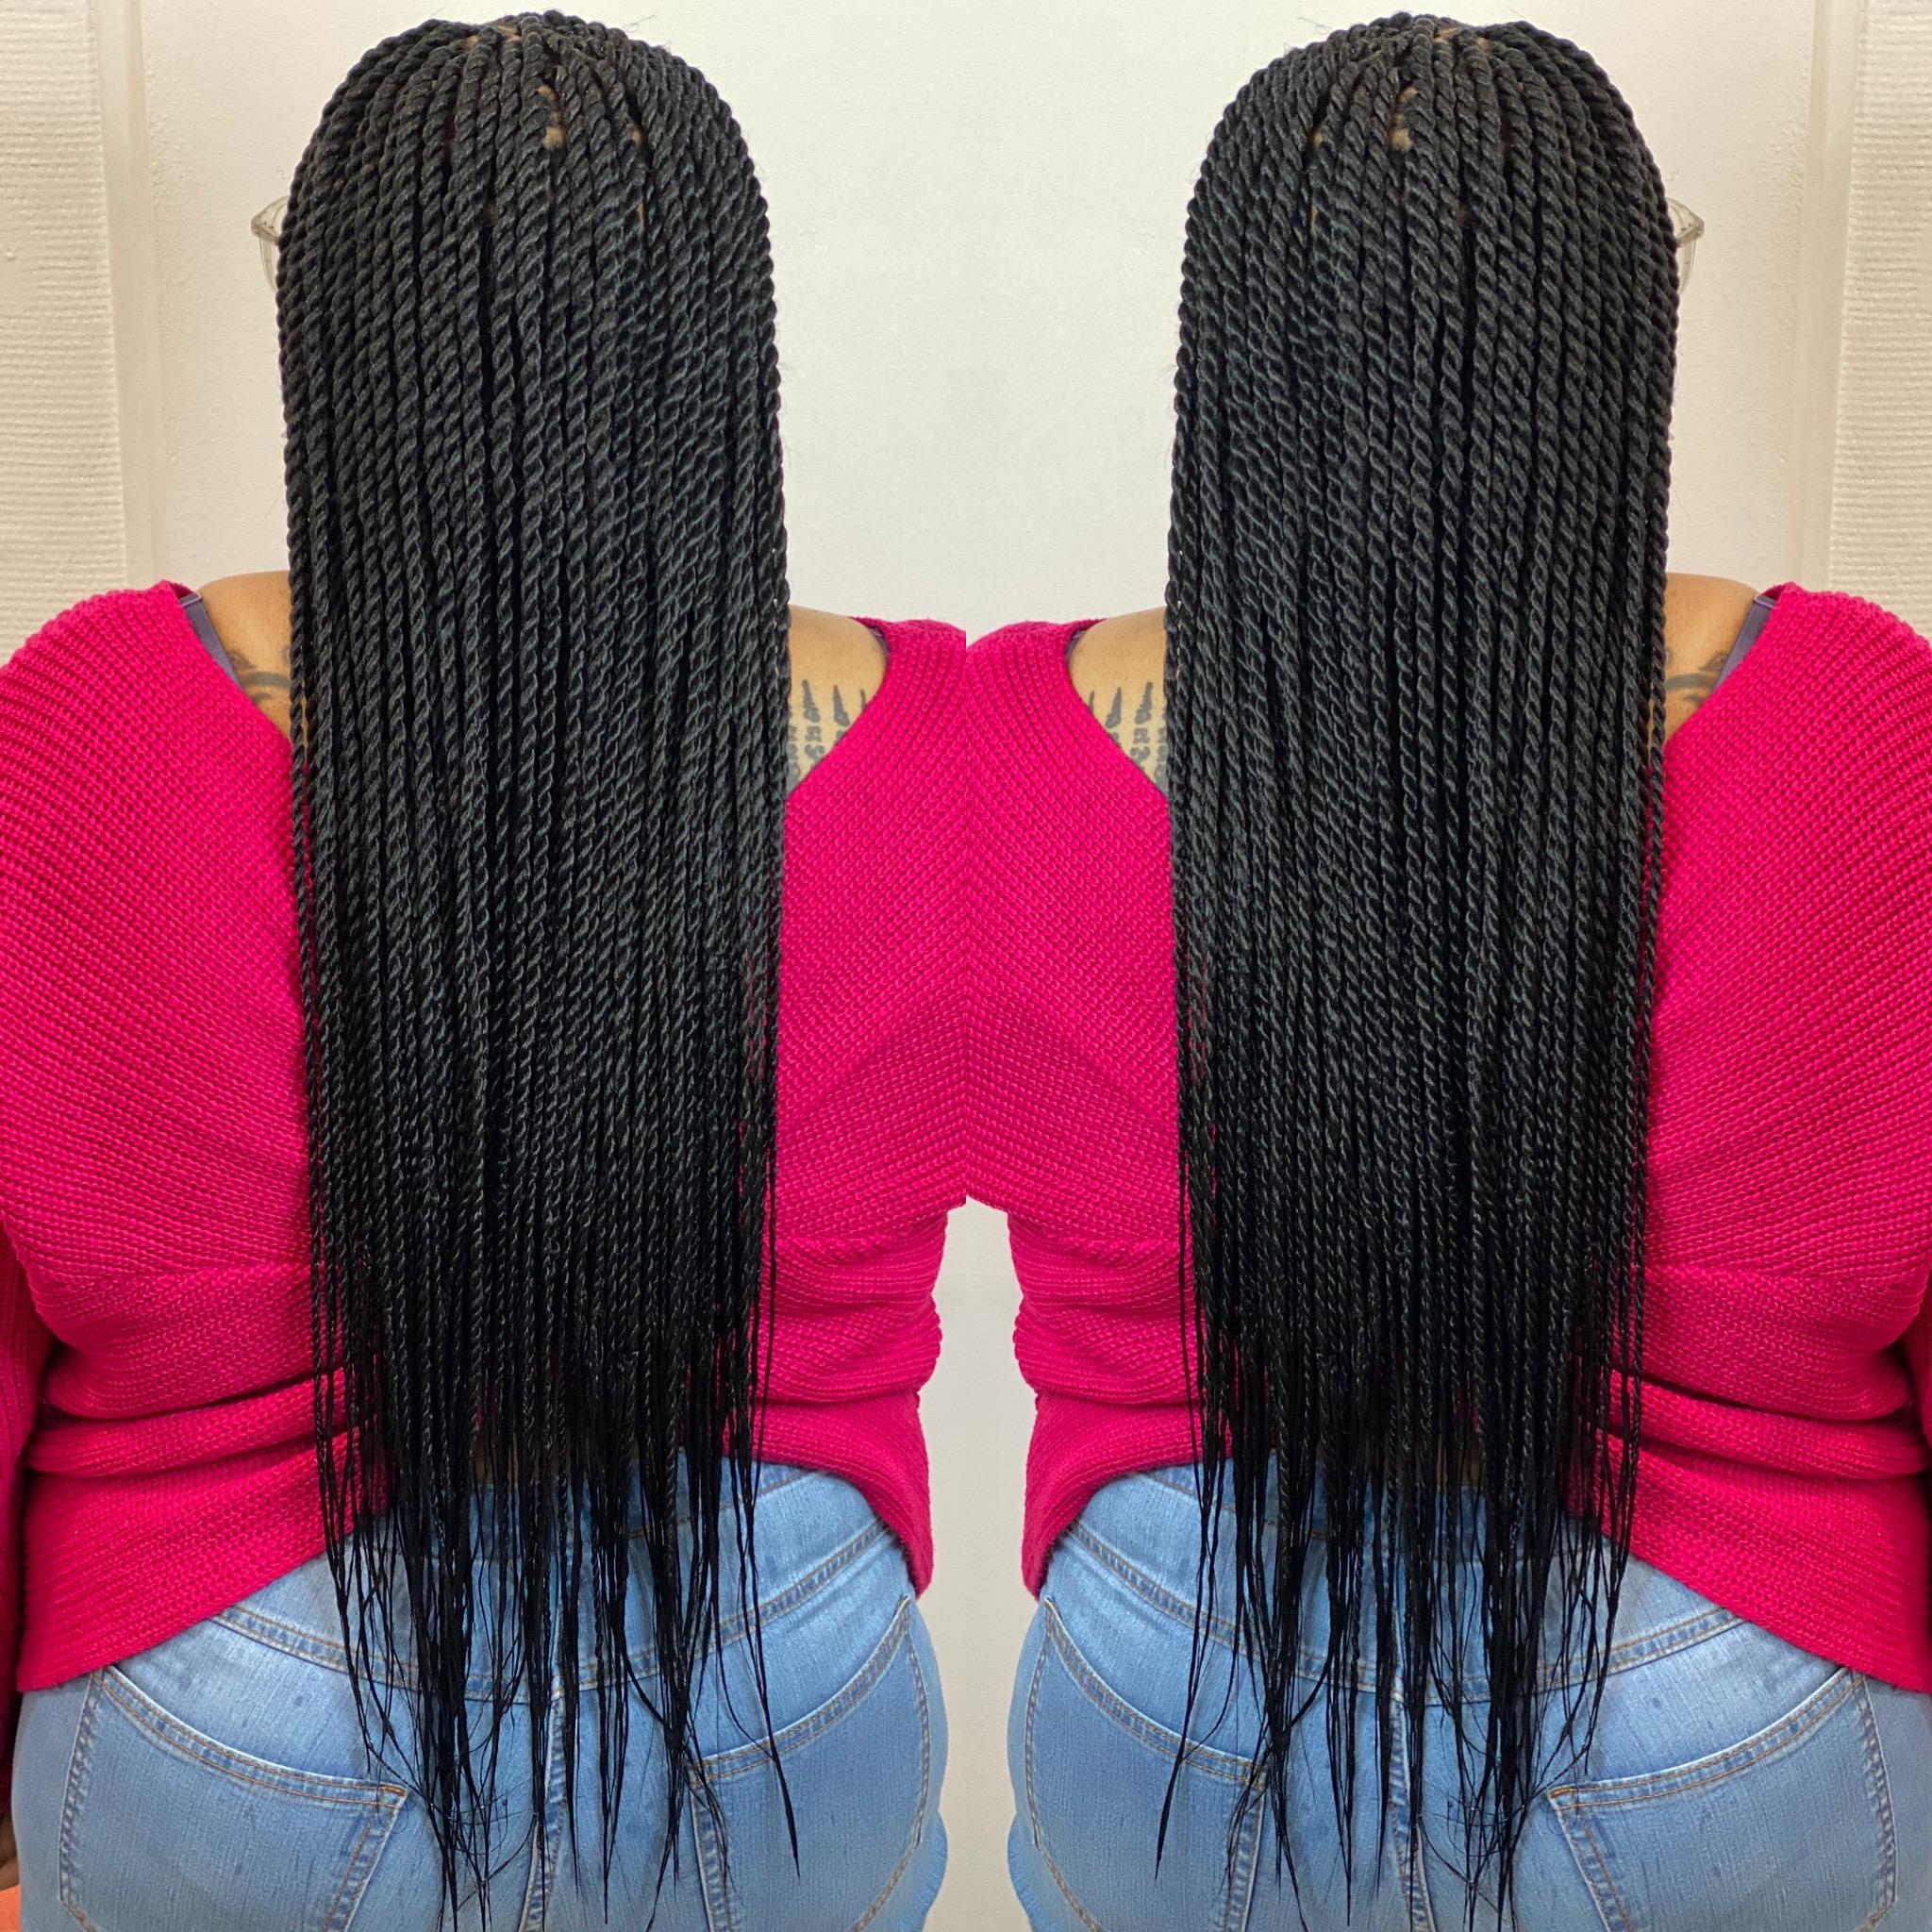 salon de coiffure afro tresse tresses box braids crochet braids vanilles tissages paris 75 77 78 91 92 93 94 95 JXJHHWMB